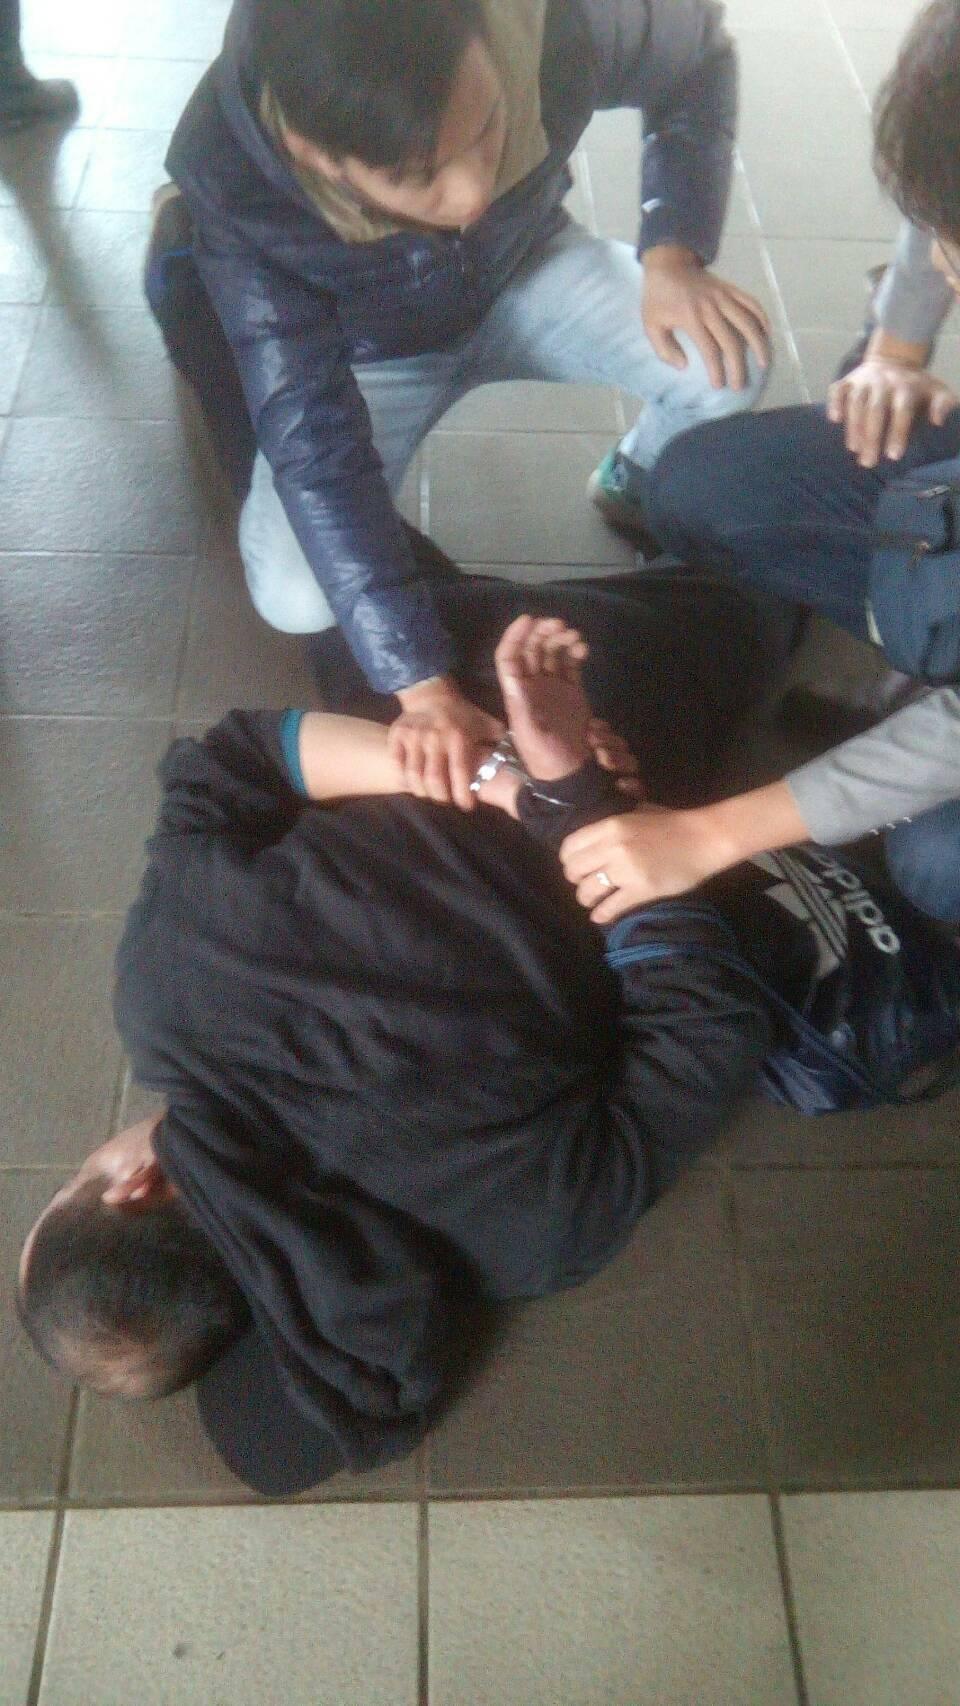 一身黑色愛迪達裝扮的林嫌於台南高鐵站落網並遭壓制在地。(警方提供)